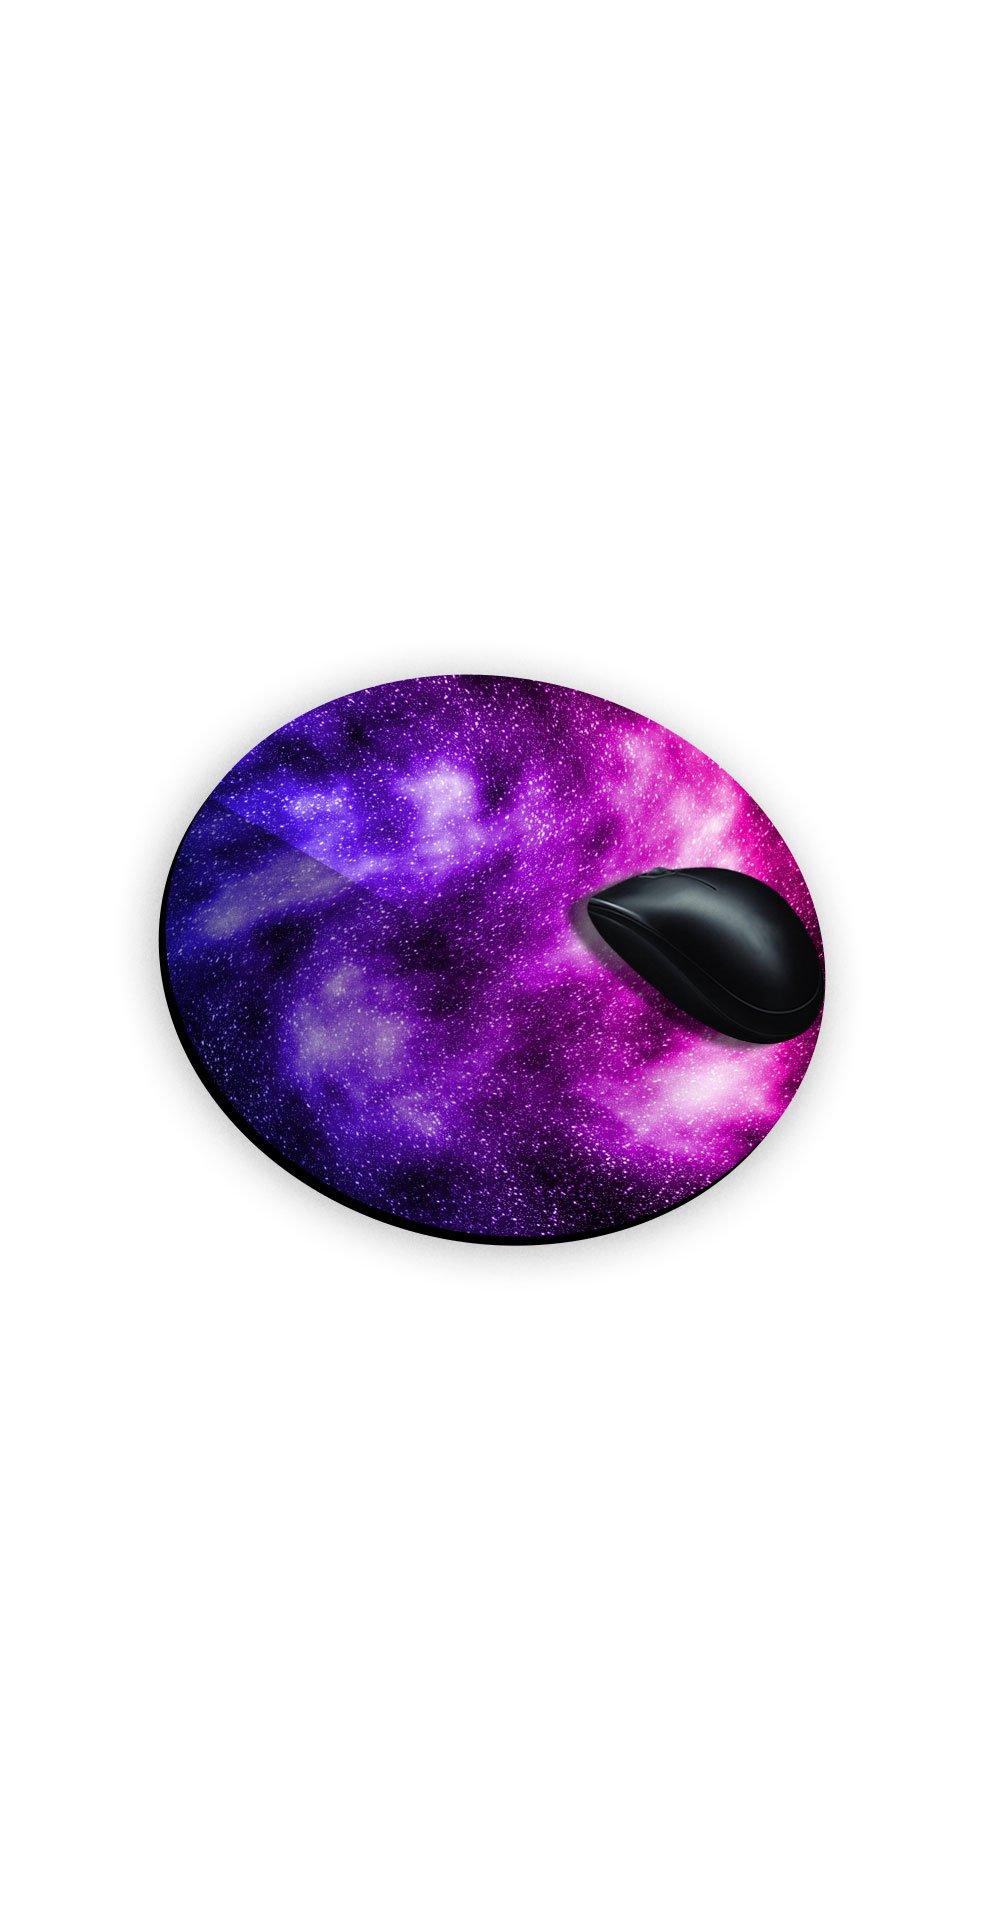 space-nebula